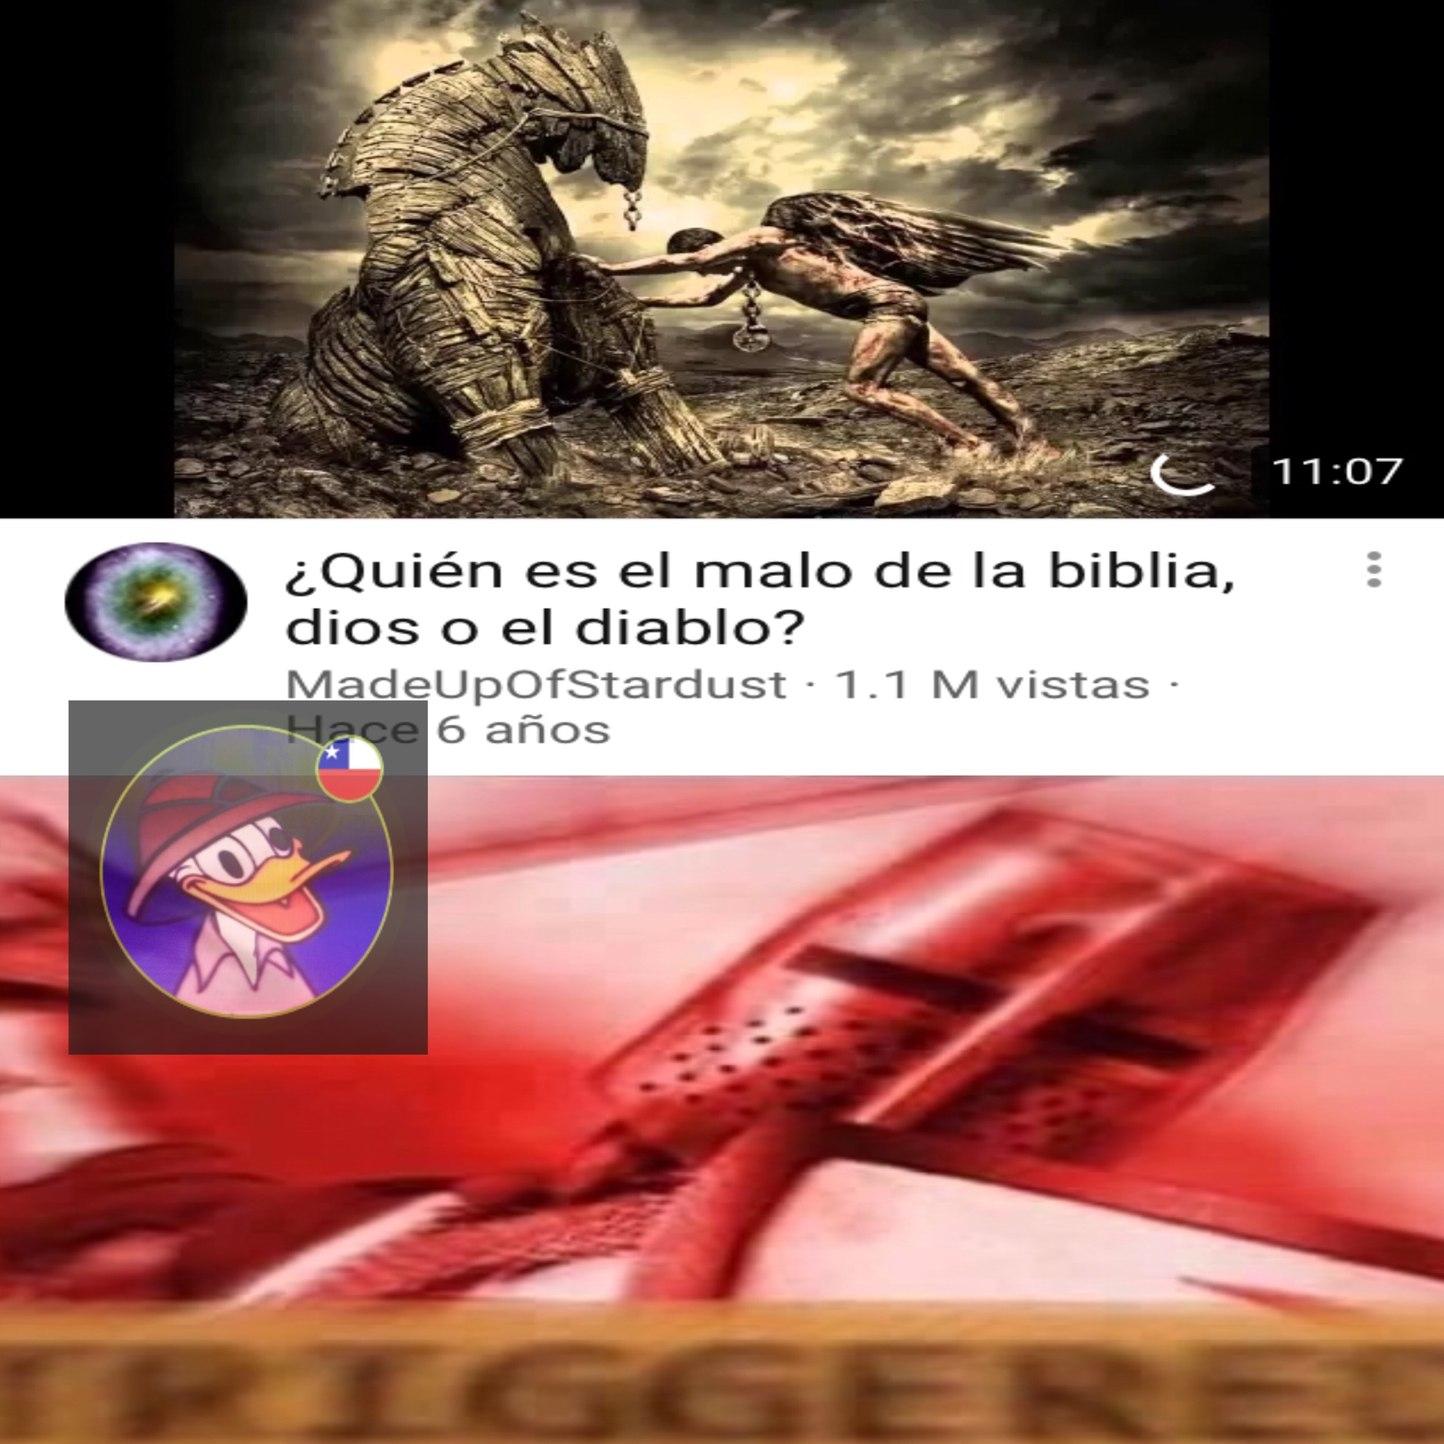 Malditos Herejes hijos del diablo! - meme